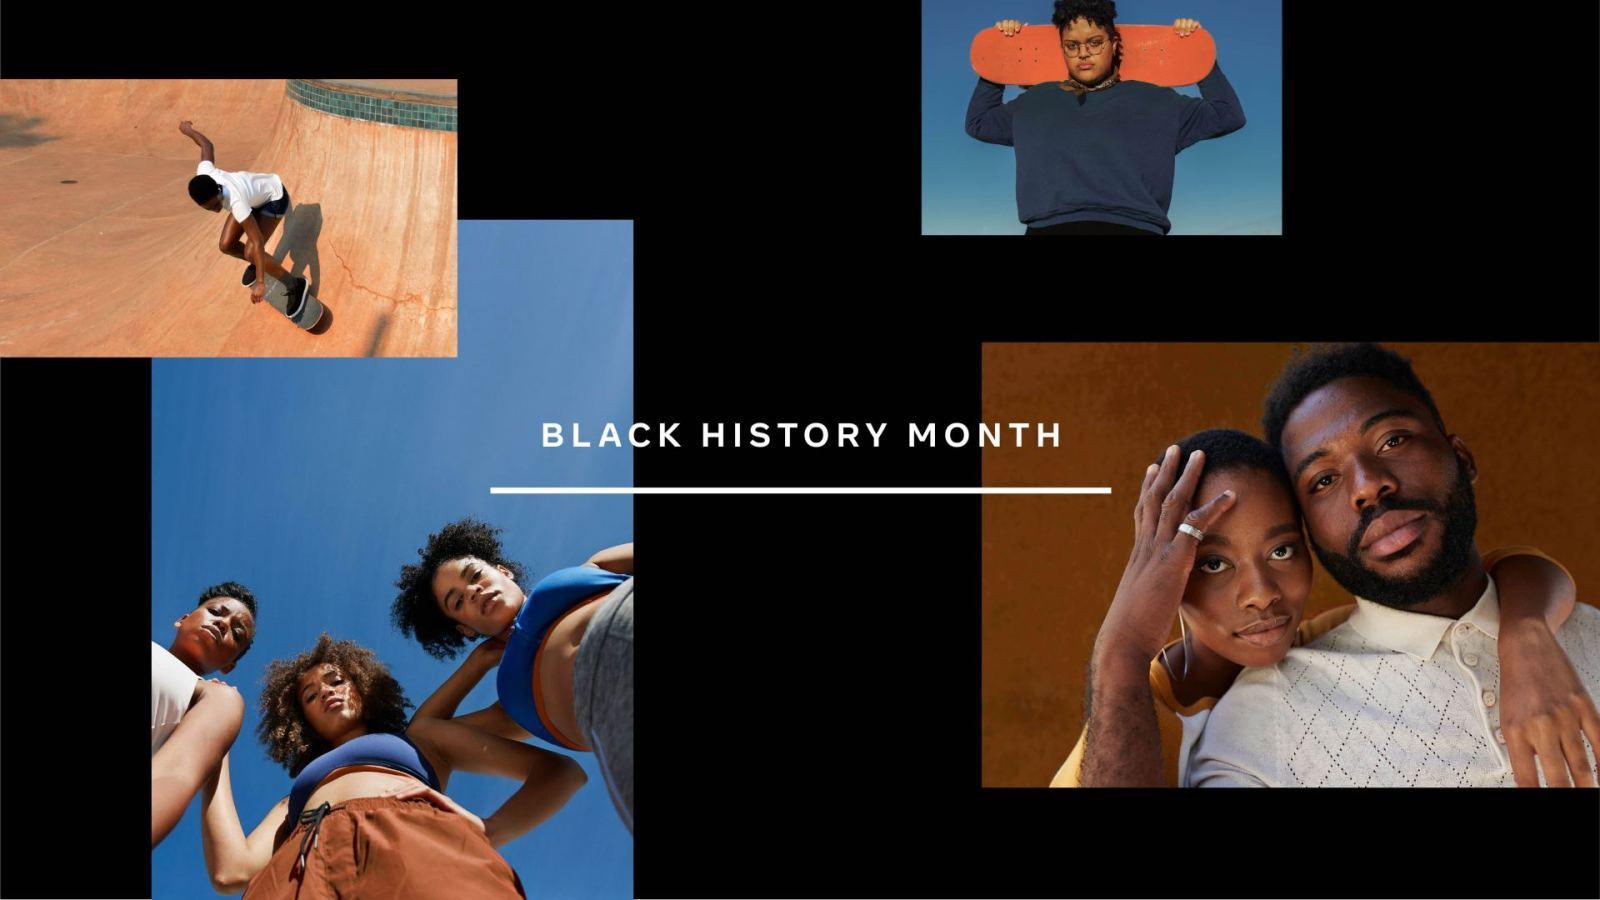 Facebook celebrating Black History Month